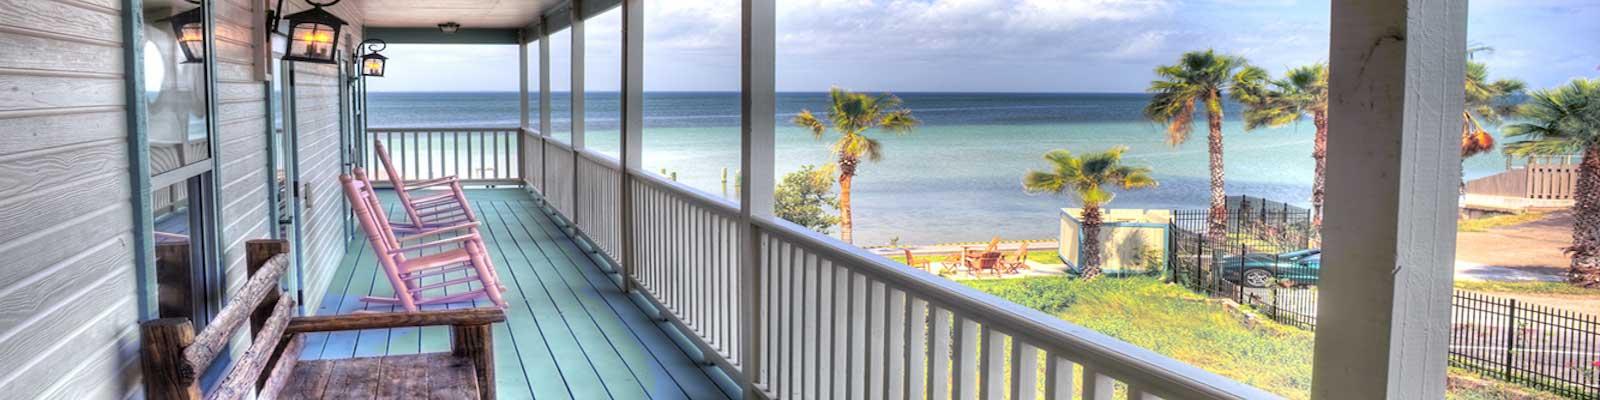 home-slideshow-porch